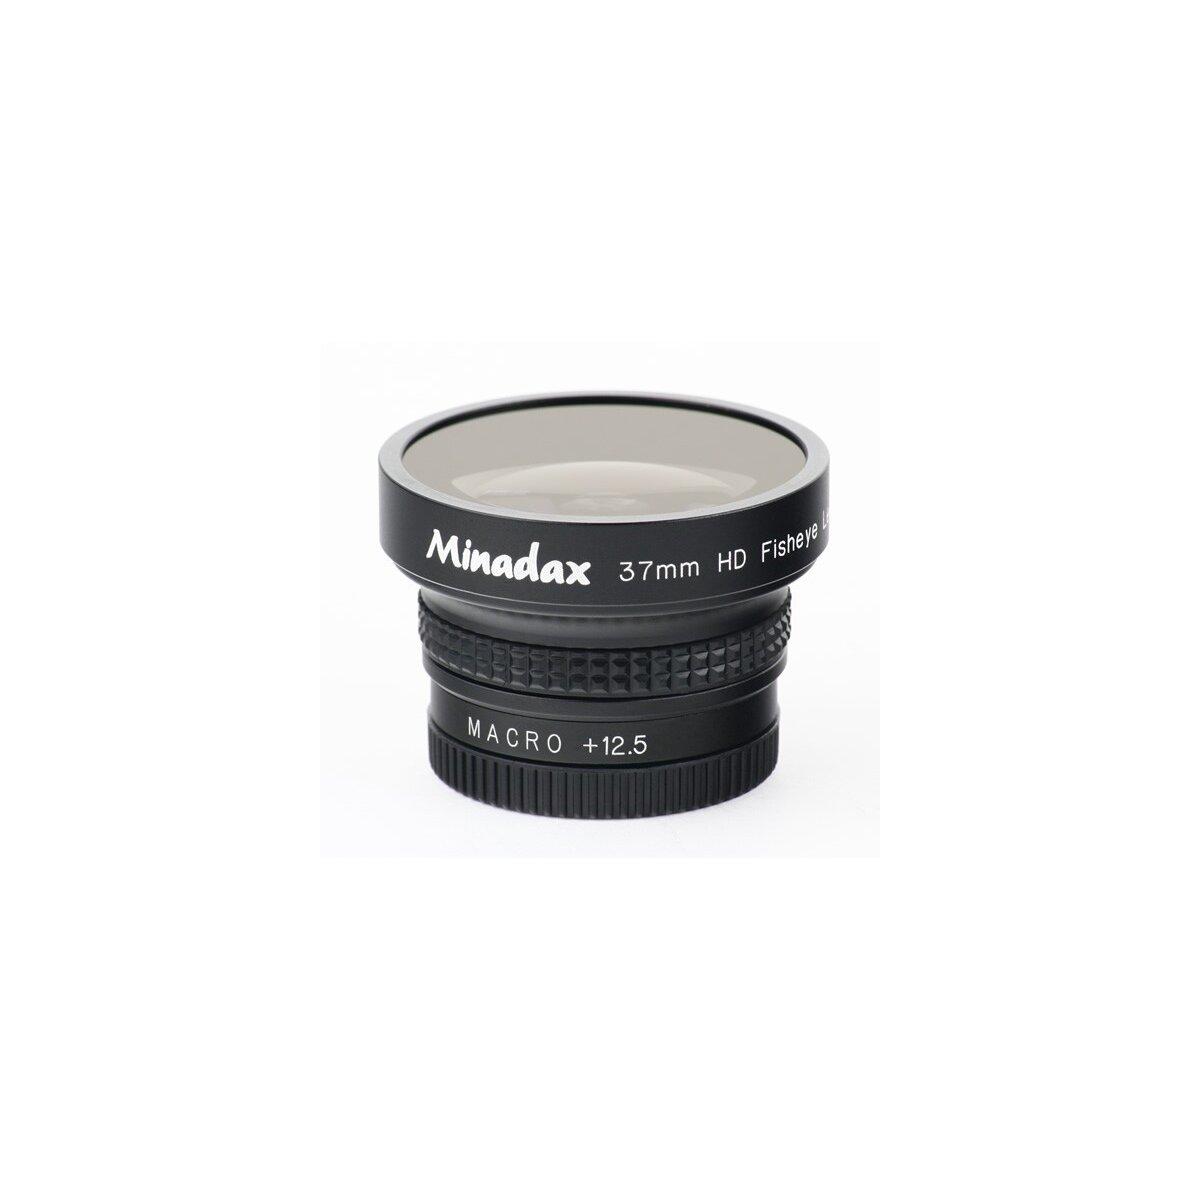 0.42x Minadax Fisheye Vorsatz fuer JVC GR-DA20, GR-D725, GR-D740, GR-D760, GR-D770